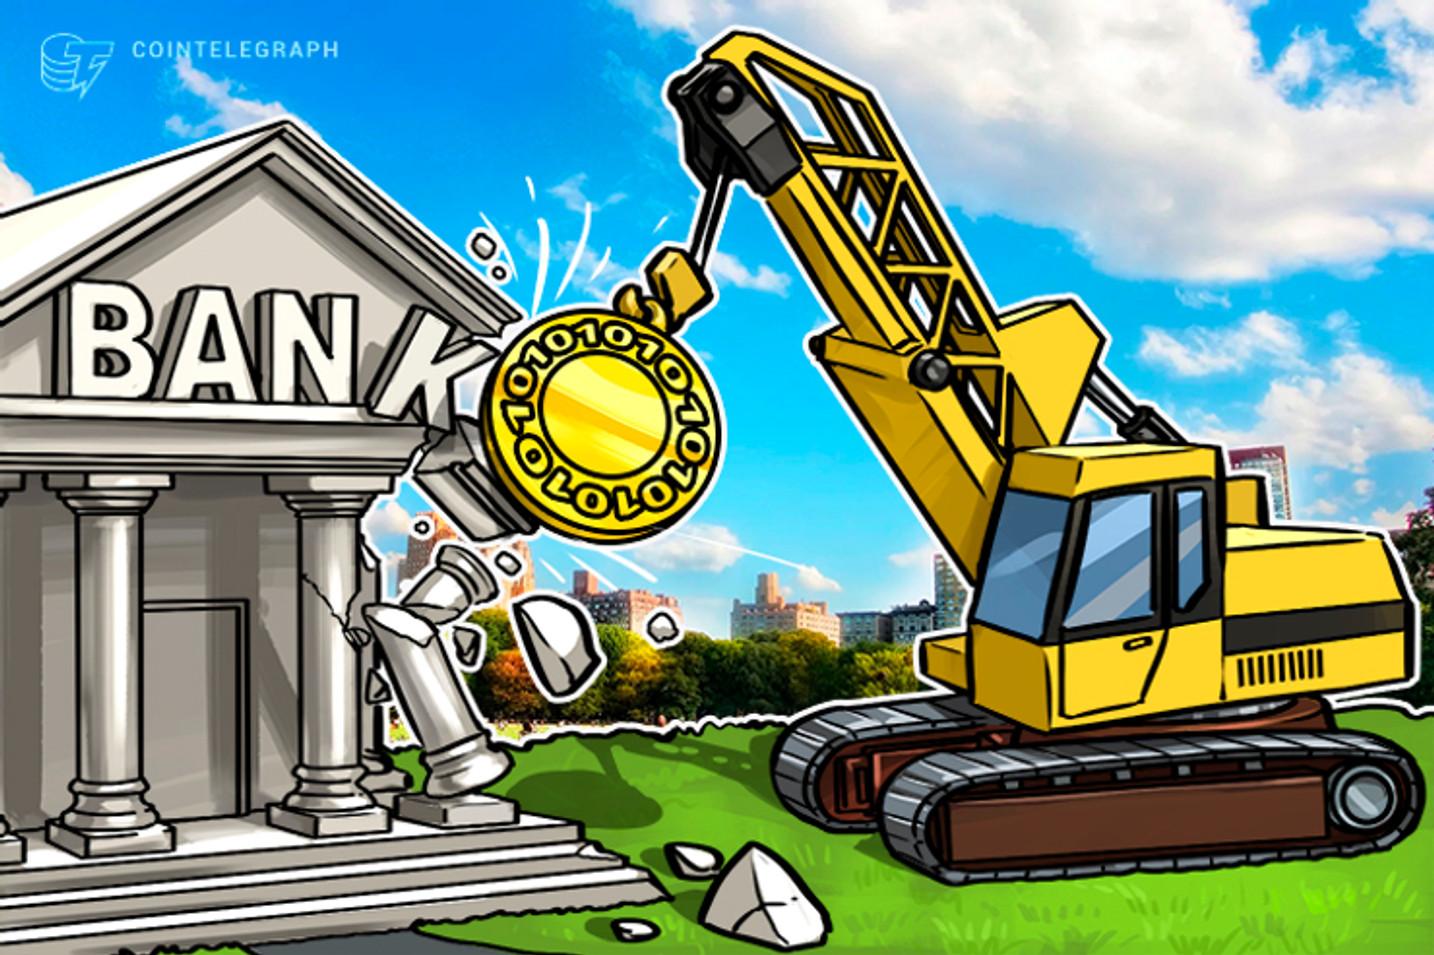 ¿Las criptoempresas son realmente superiores a la banca tradicional?